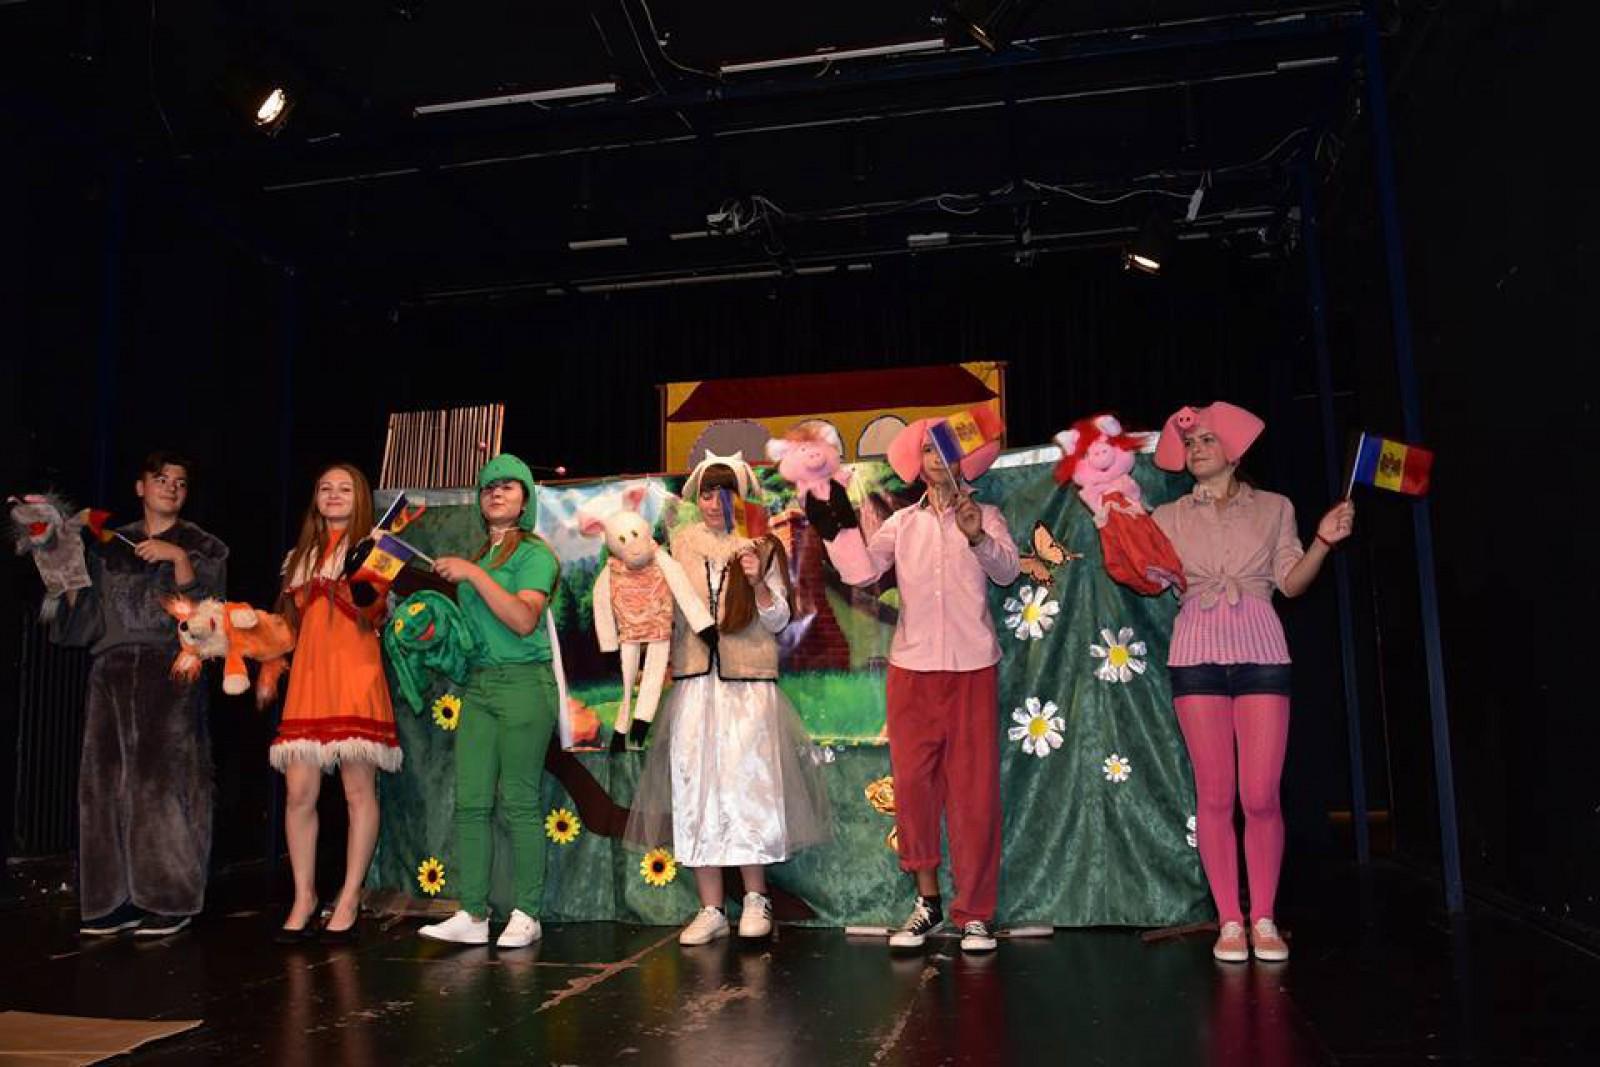 (foto) Copilărie - dulce feerie. Copiii din diasporă au avut parte de un spectacol excepțional la Teatrul Pygmalion din Viena de ziua lor